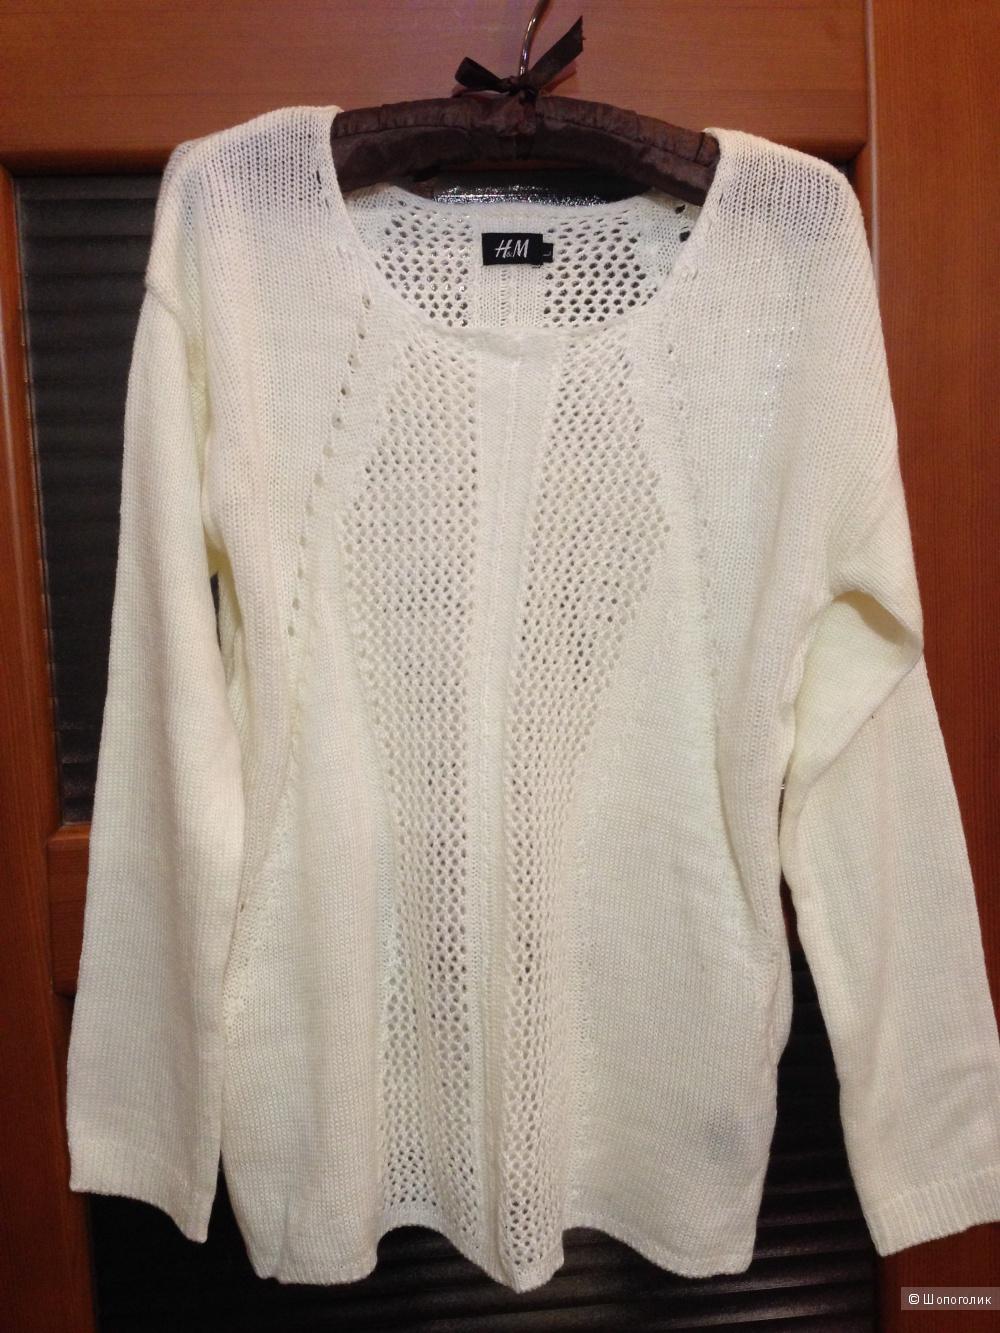 Ажурные свитера H&M, молочного цвета - L, цвета морской волны - XL